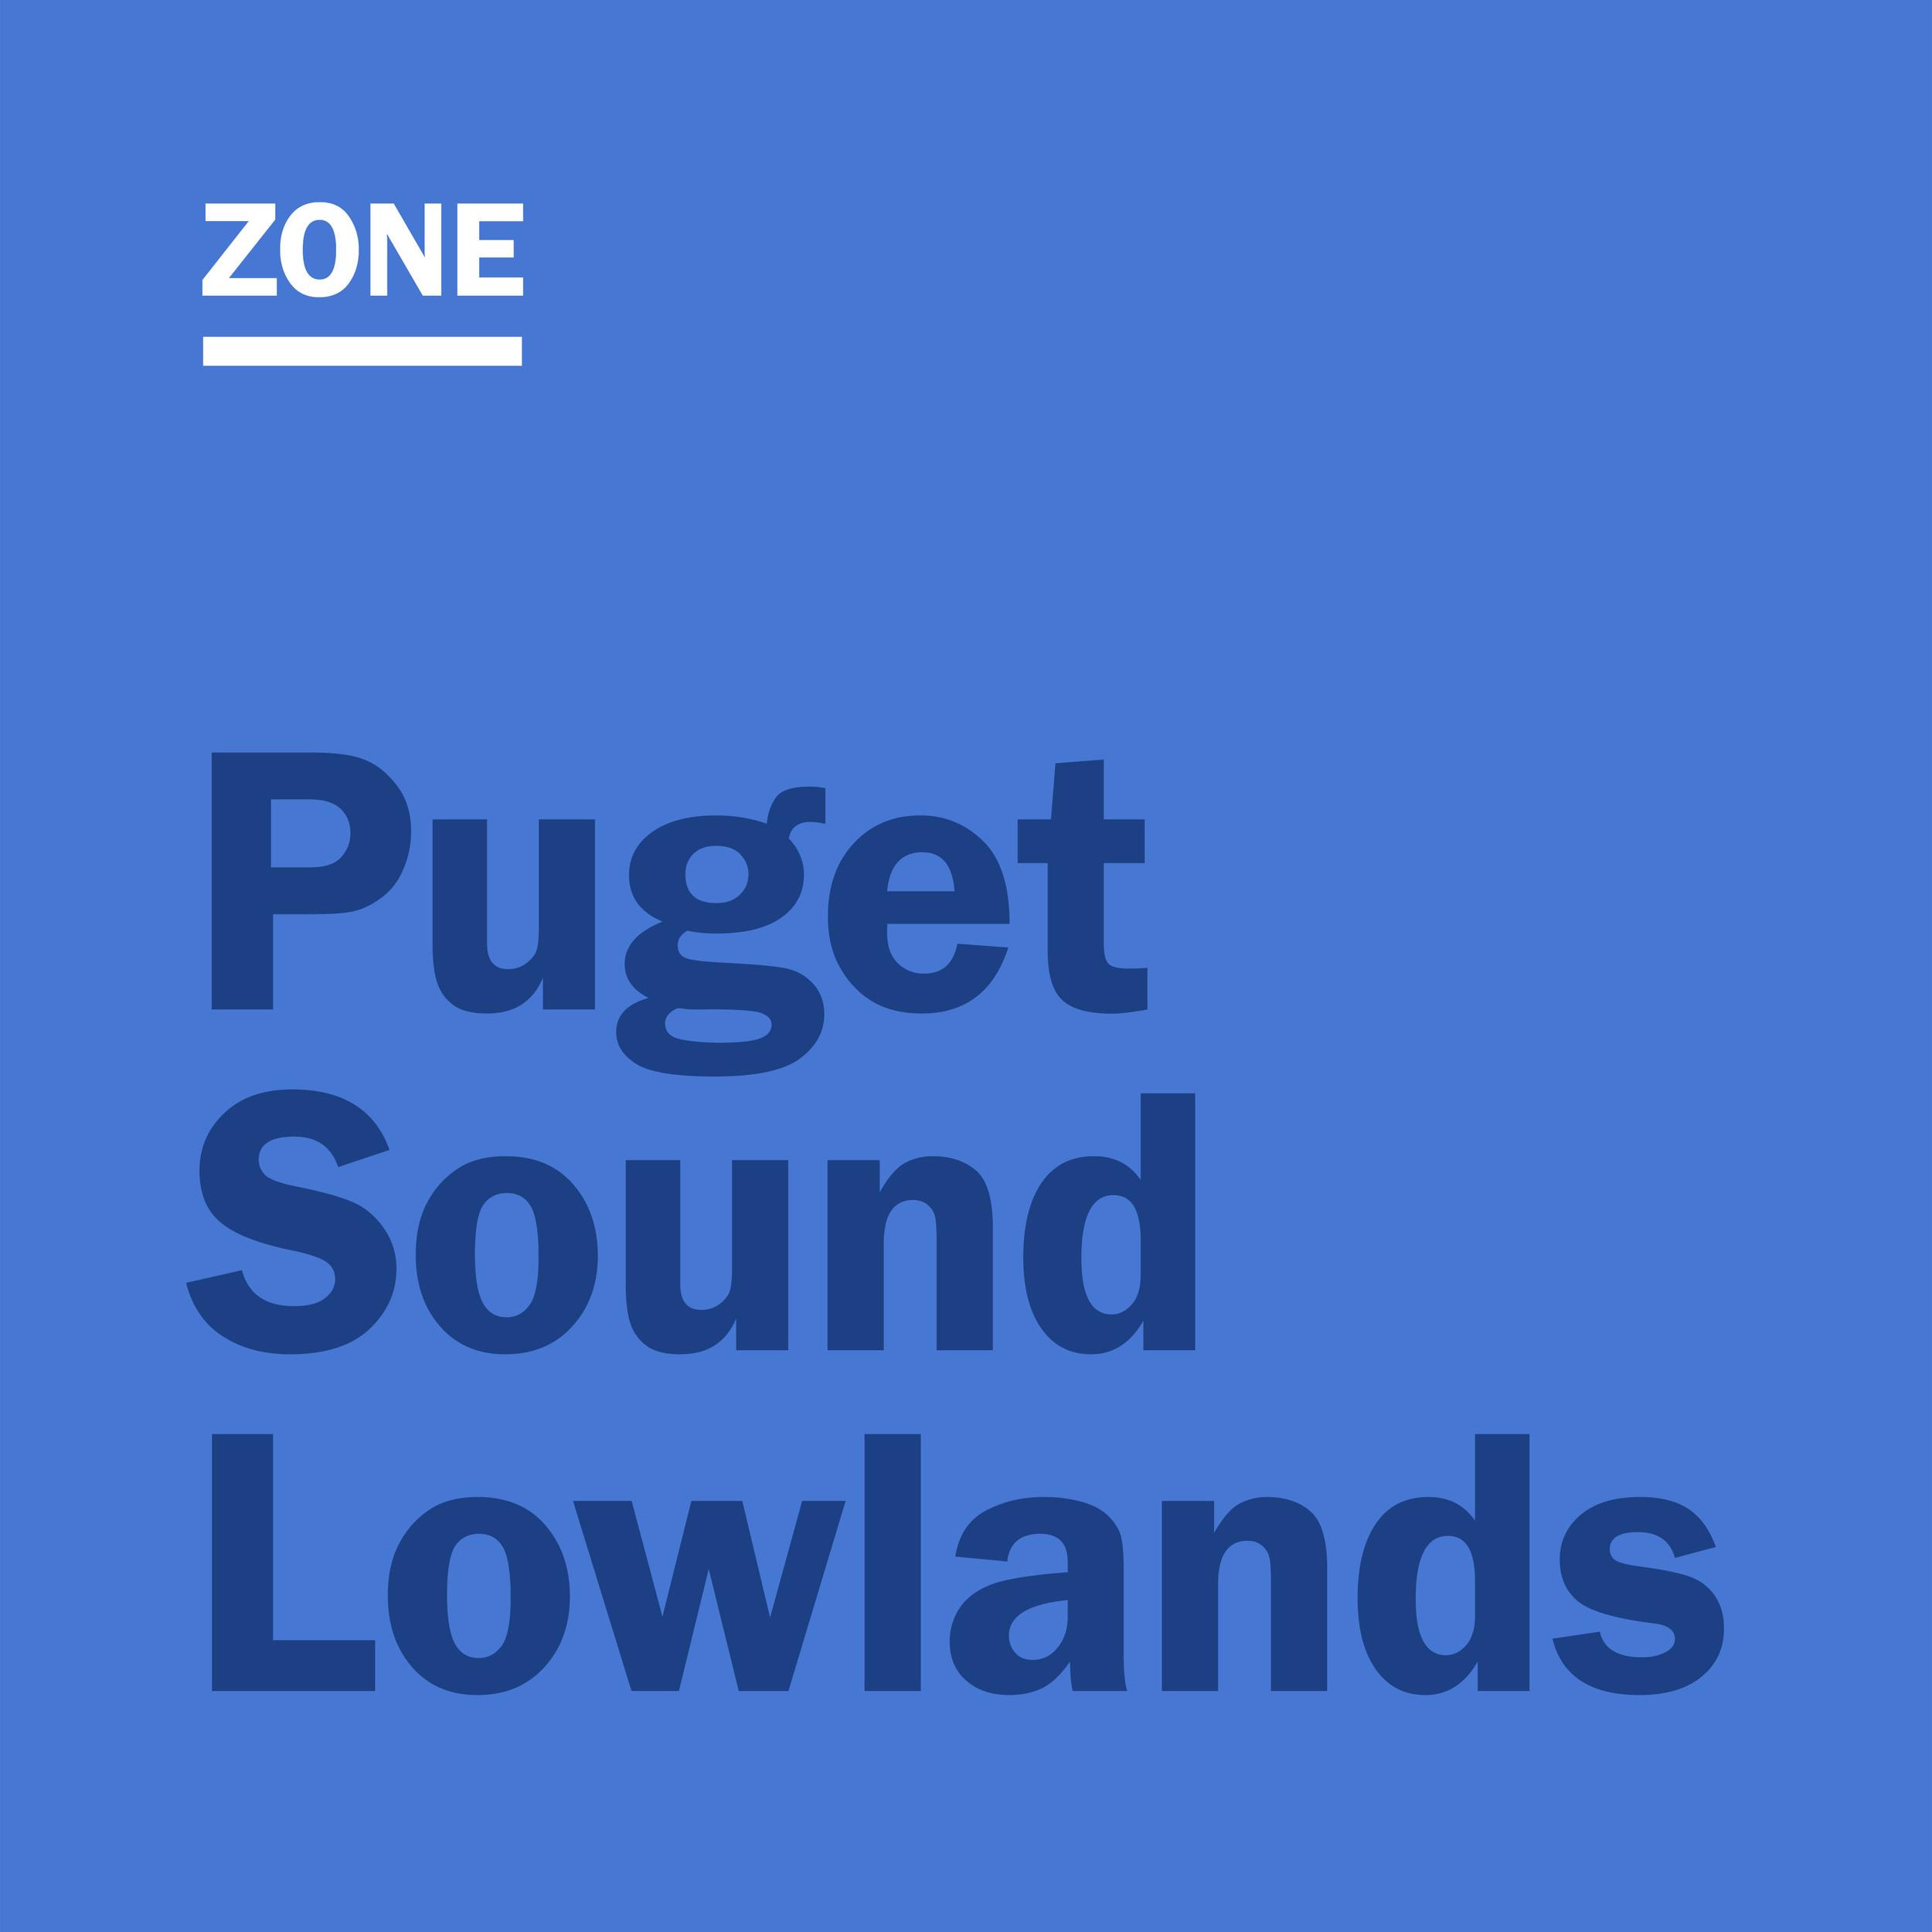 pugetsoundlowlands2.jpg